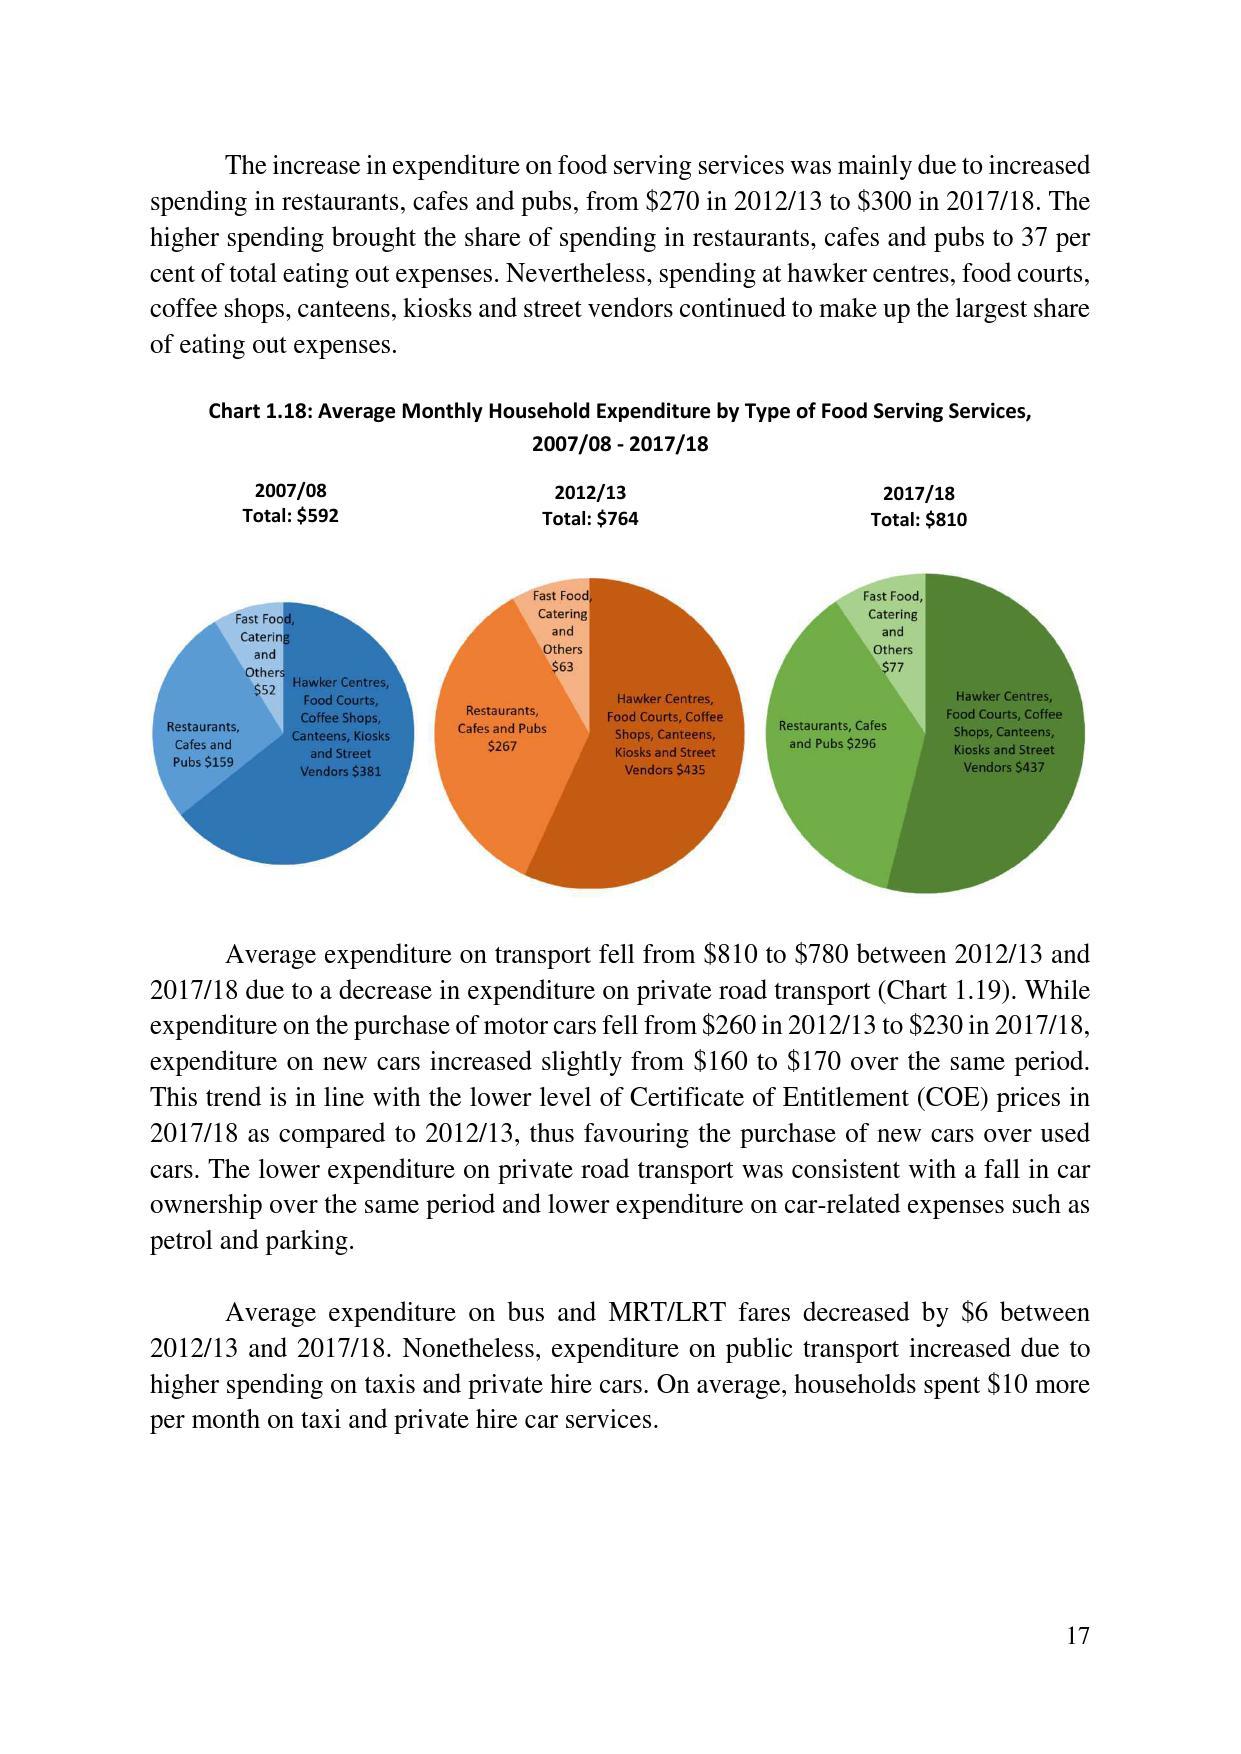 新加坡统计局:2017-2018年新加坡家庭开支调查报告(346页)